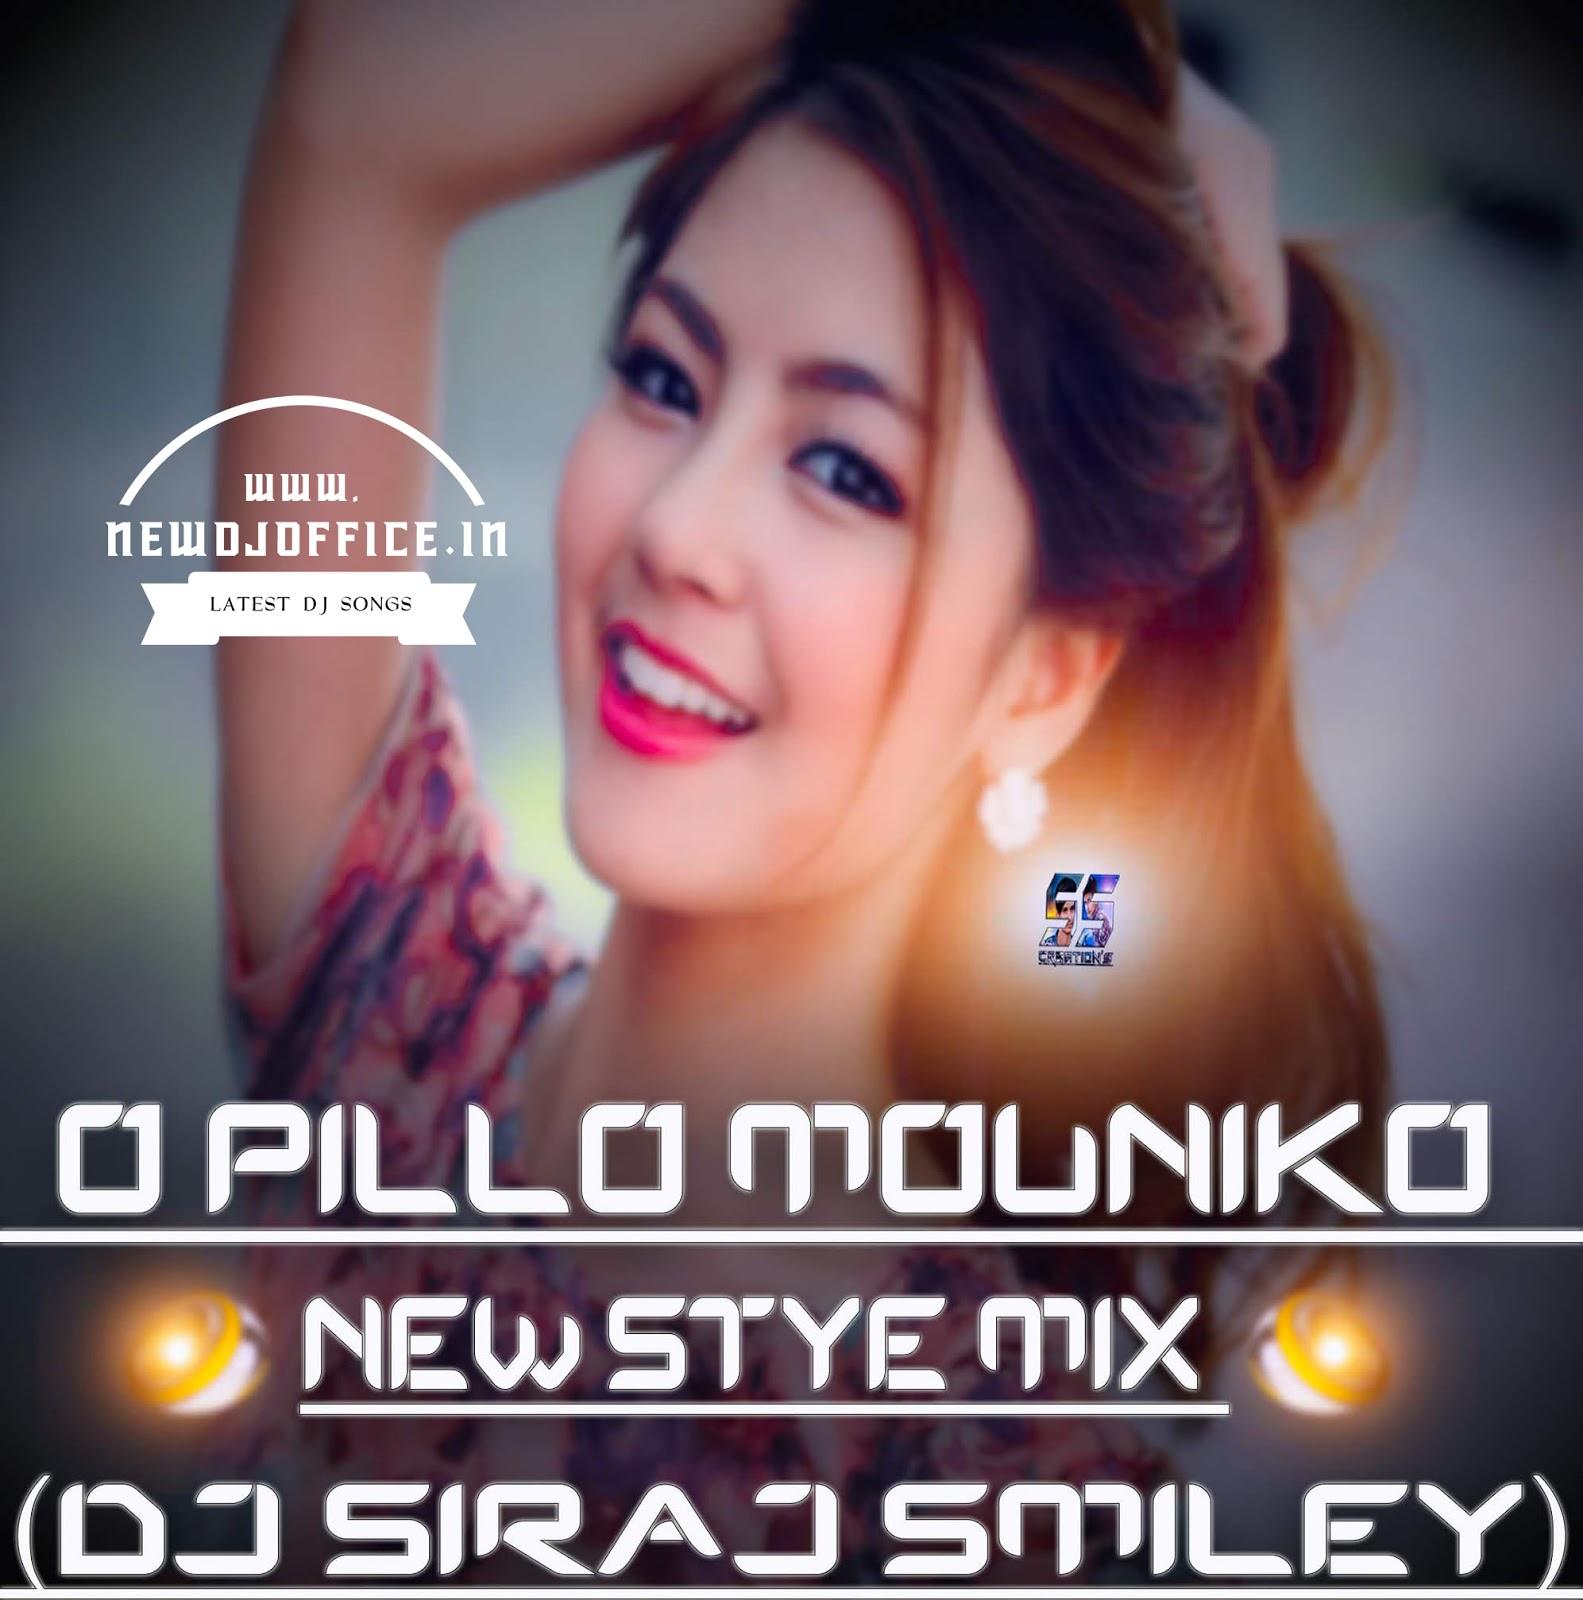 Dil Diyan Gallan Mp3 Song Download: O PILLO MOUNIKA FOLK SONG DJ MIX